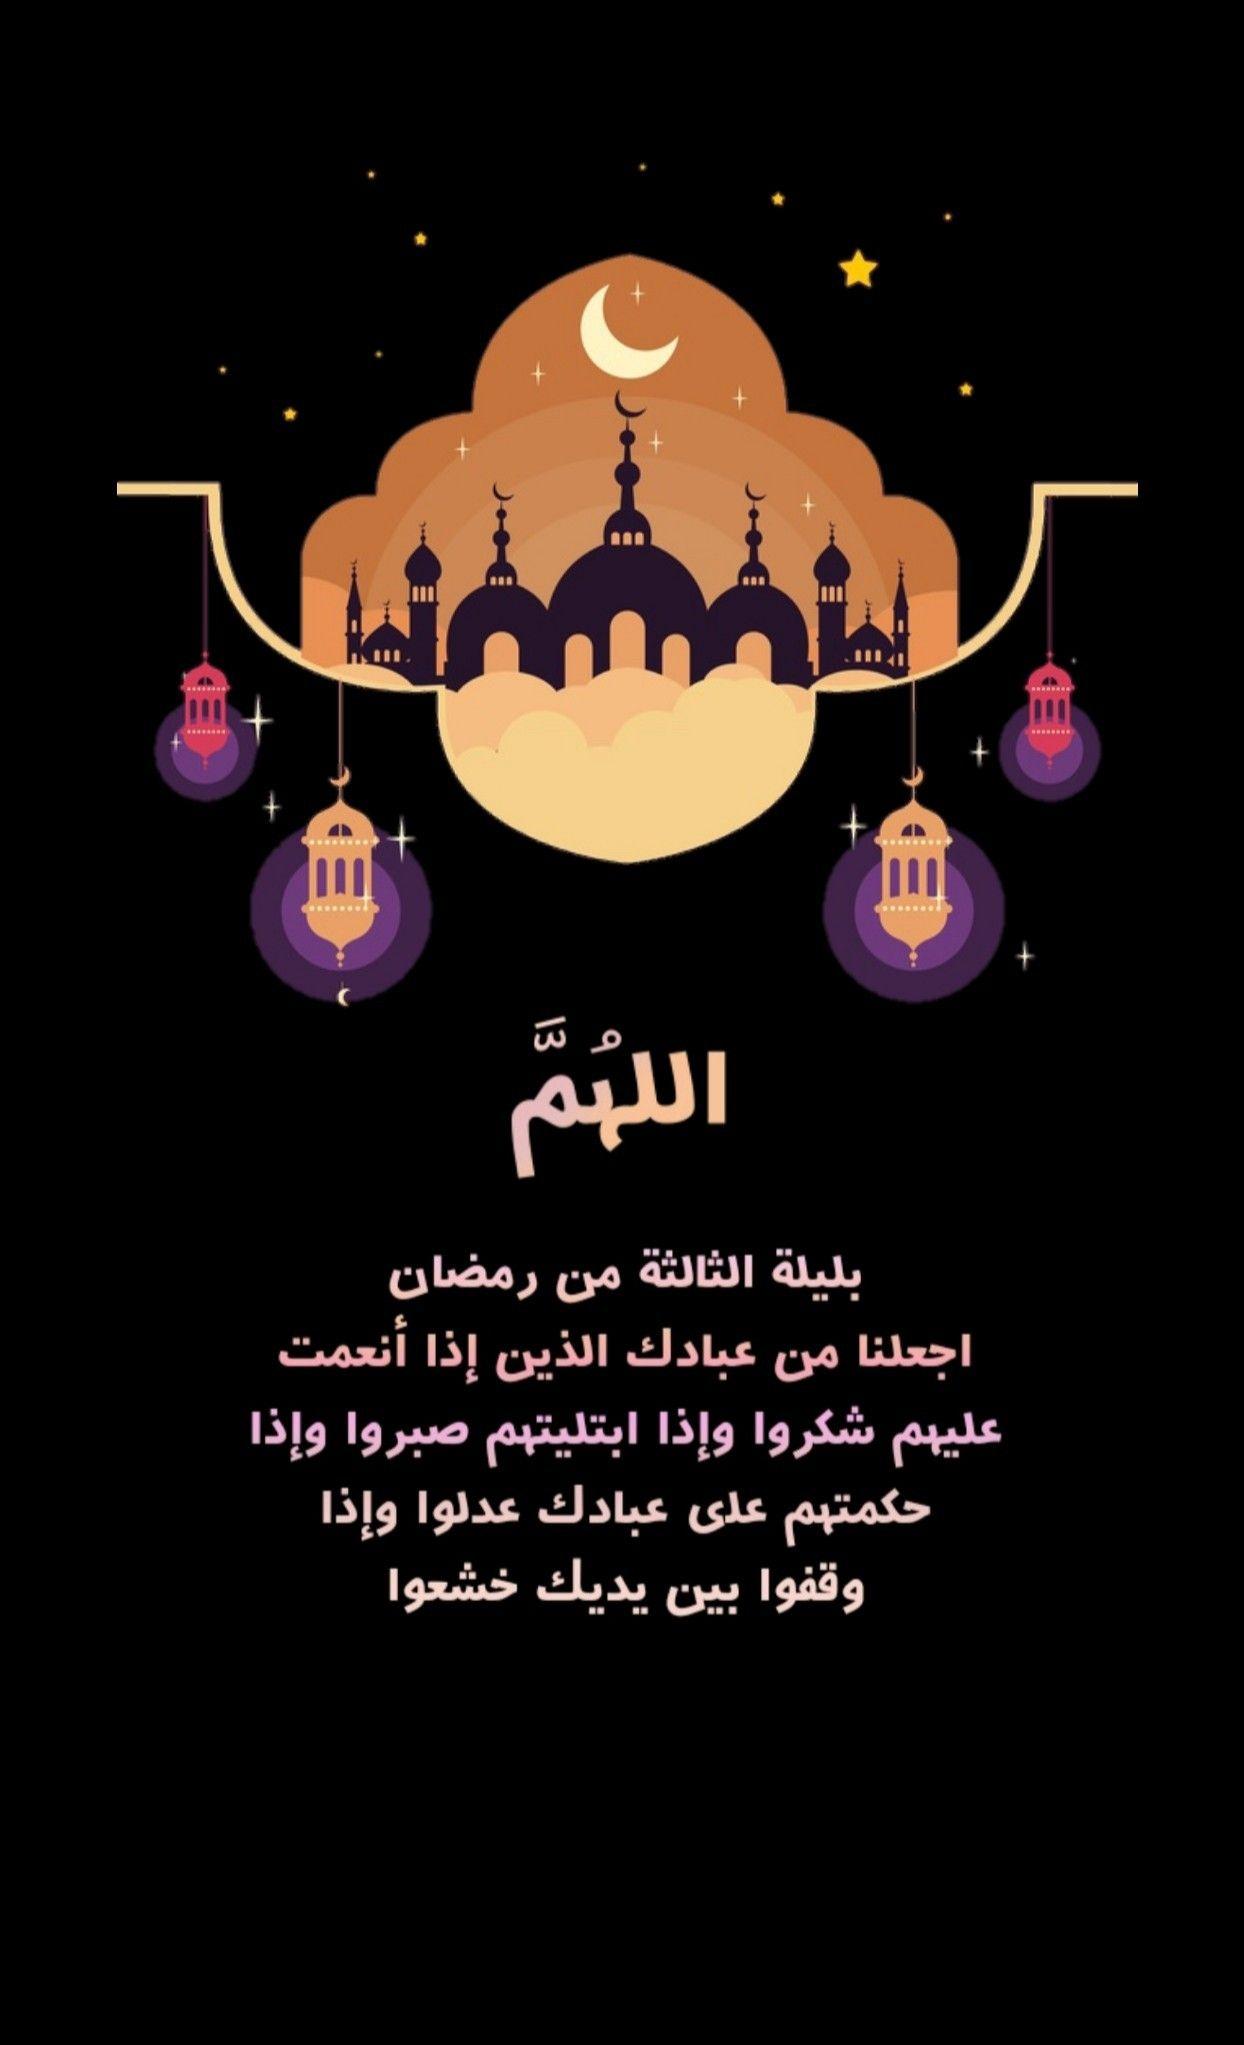 الله م بليلة الثالثة من رمضان اجعلنا من عبادك الذين إذا أنعمت عليهم شكروا وإذا ابتليتهم صبروا وإذا حك Ramadan Greetings Ramadan Cards Ramadan Decorations